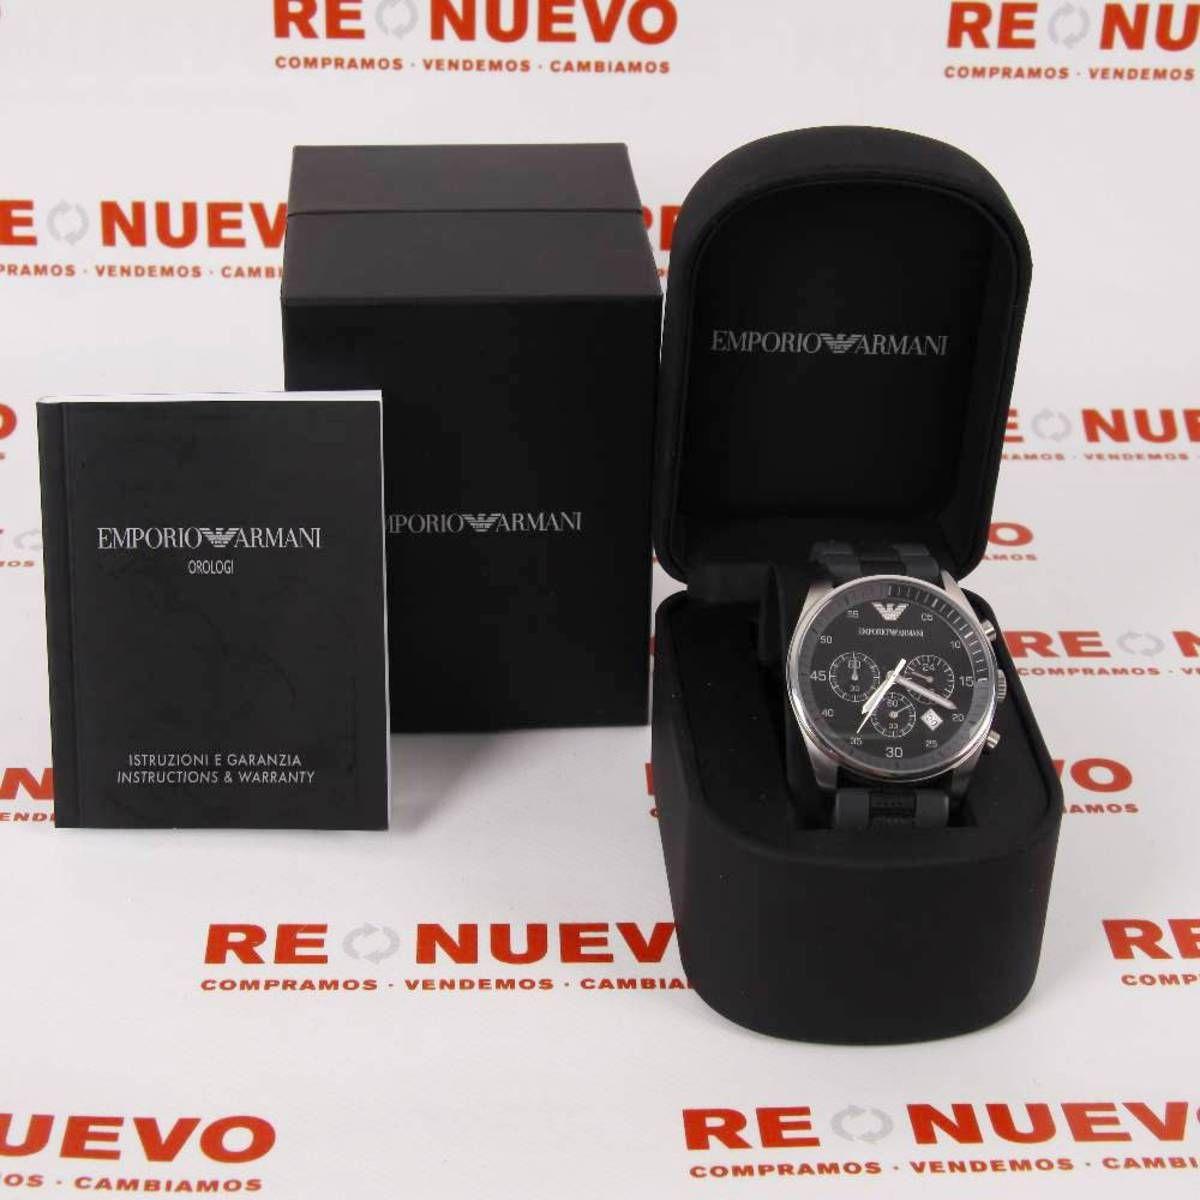 tienda relojes armani barcelona,reloj armani emporio,reloj